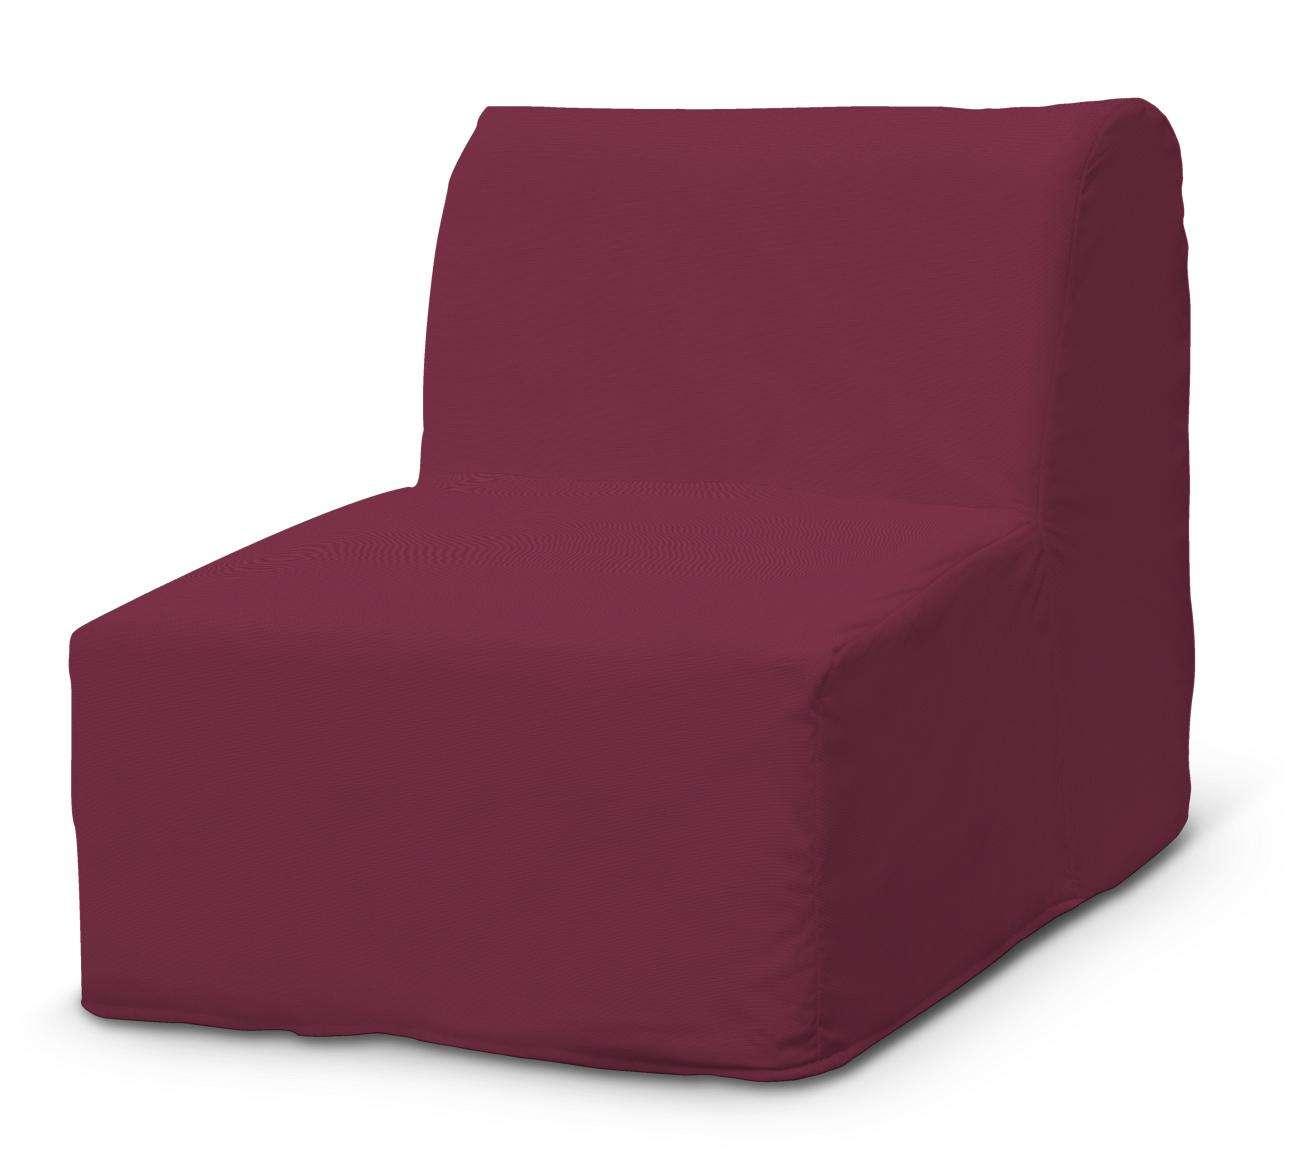 Lycksele fotelio užvalkalas Lycksele fotelis kolekcijoje Cotton Panama, audinys: 702-32